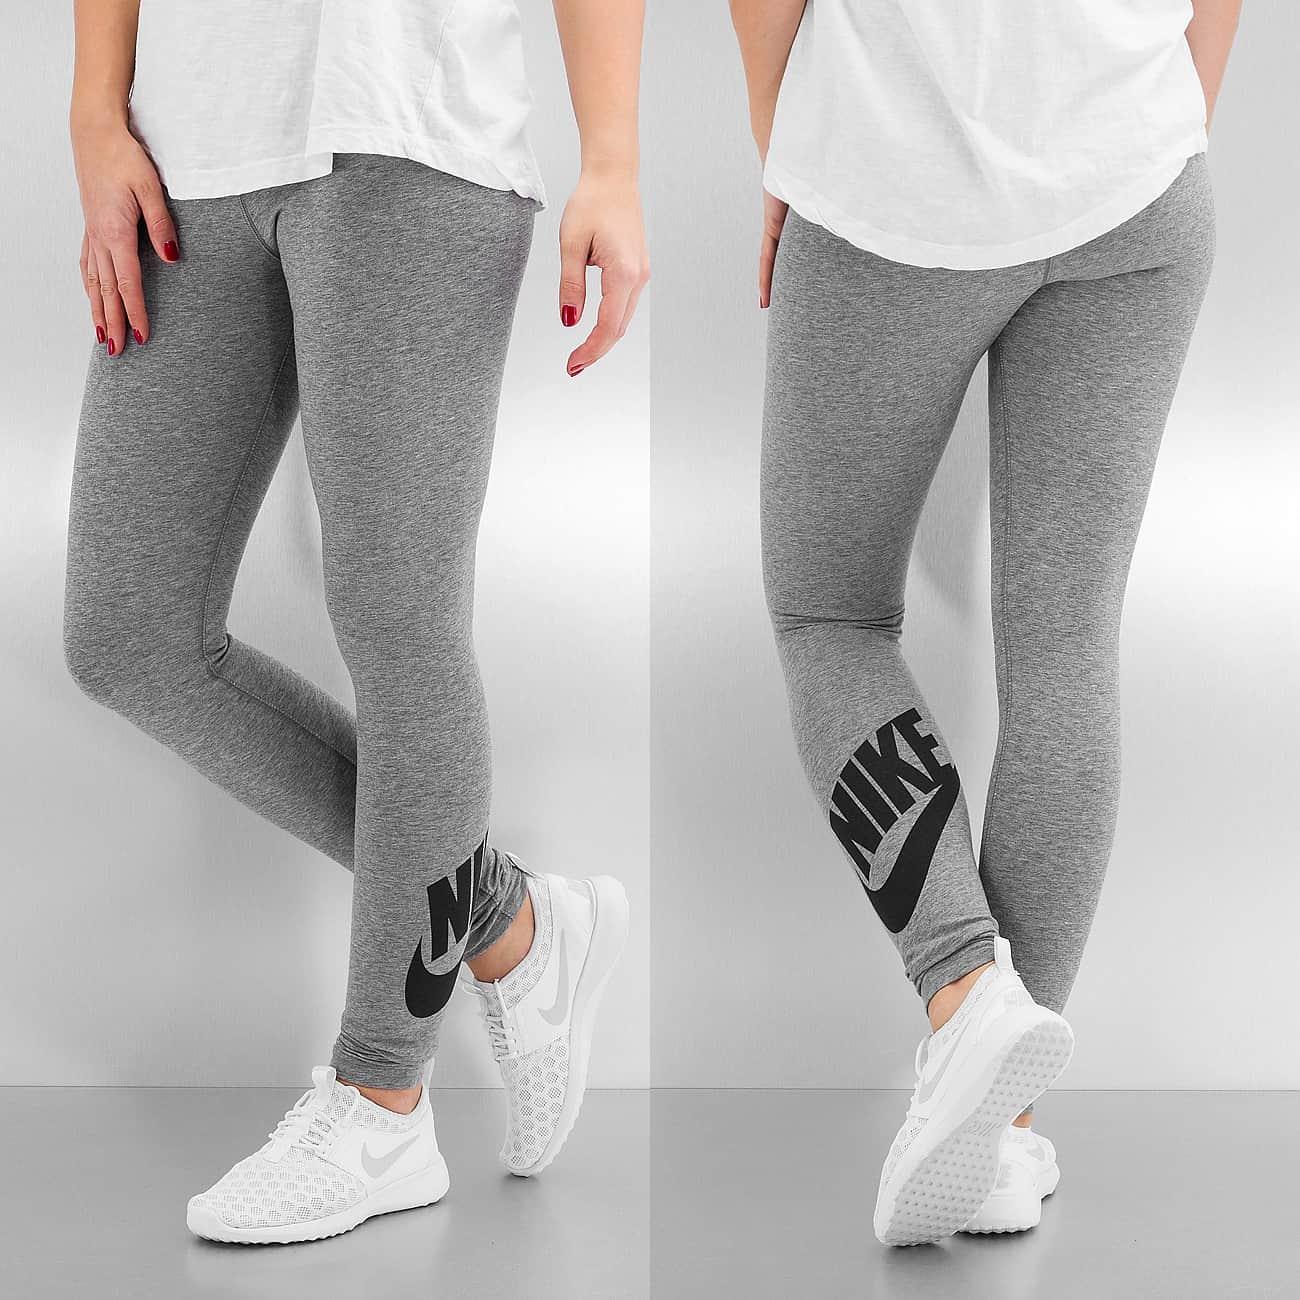 Et Vetement Femme Mode Fitness Soldes Legging Nike tqncXwanB